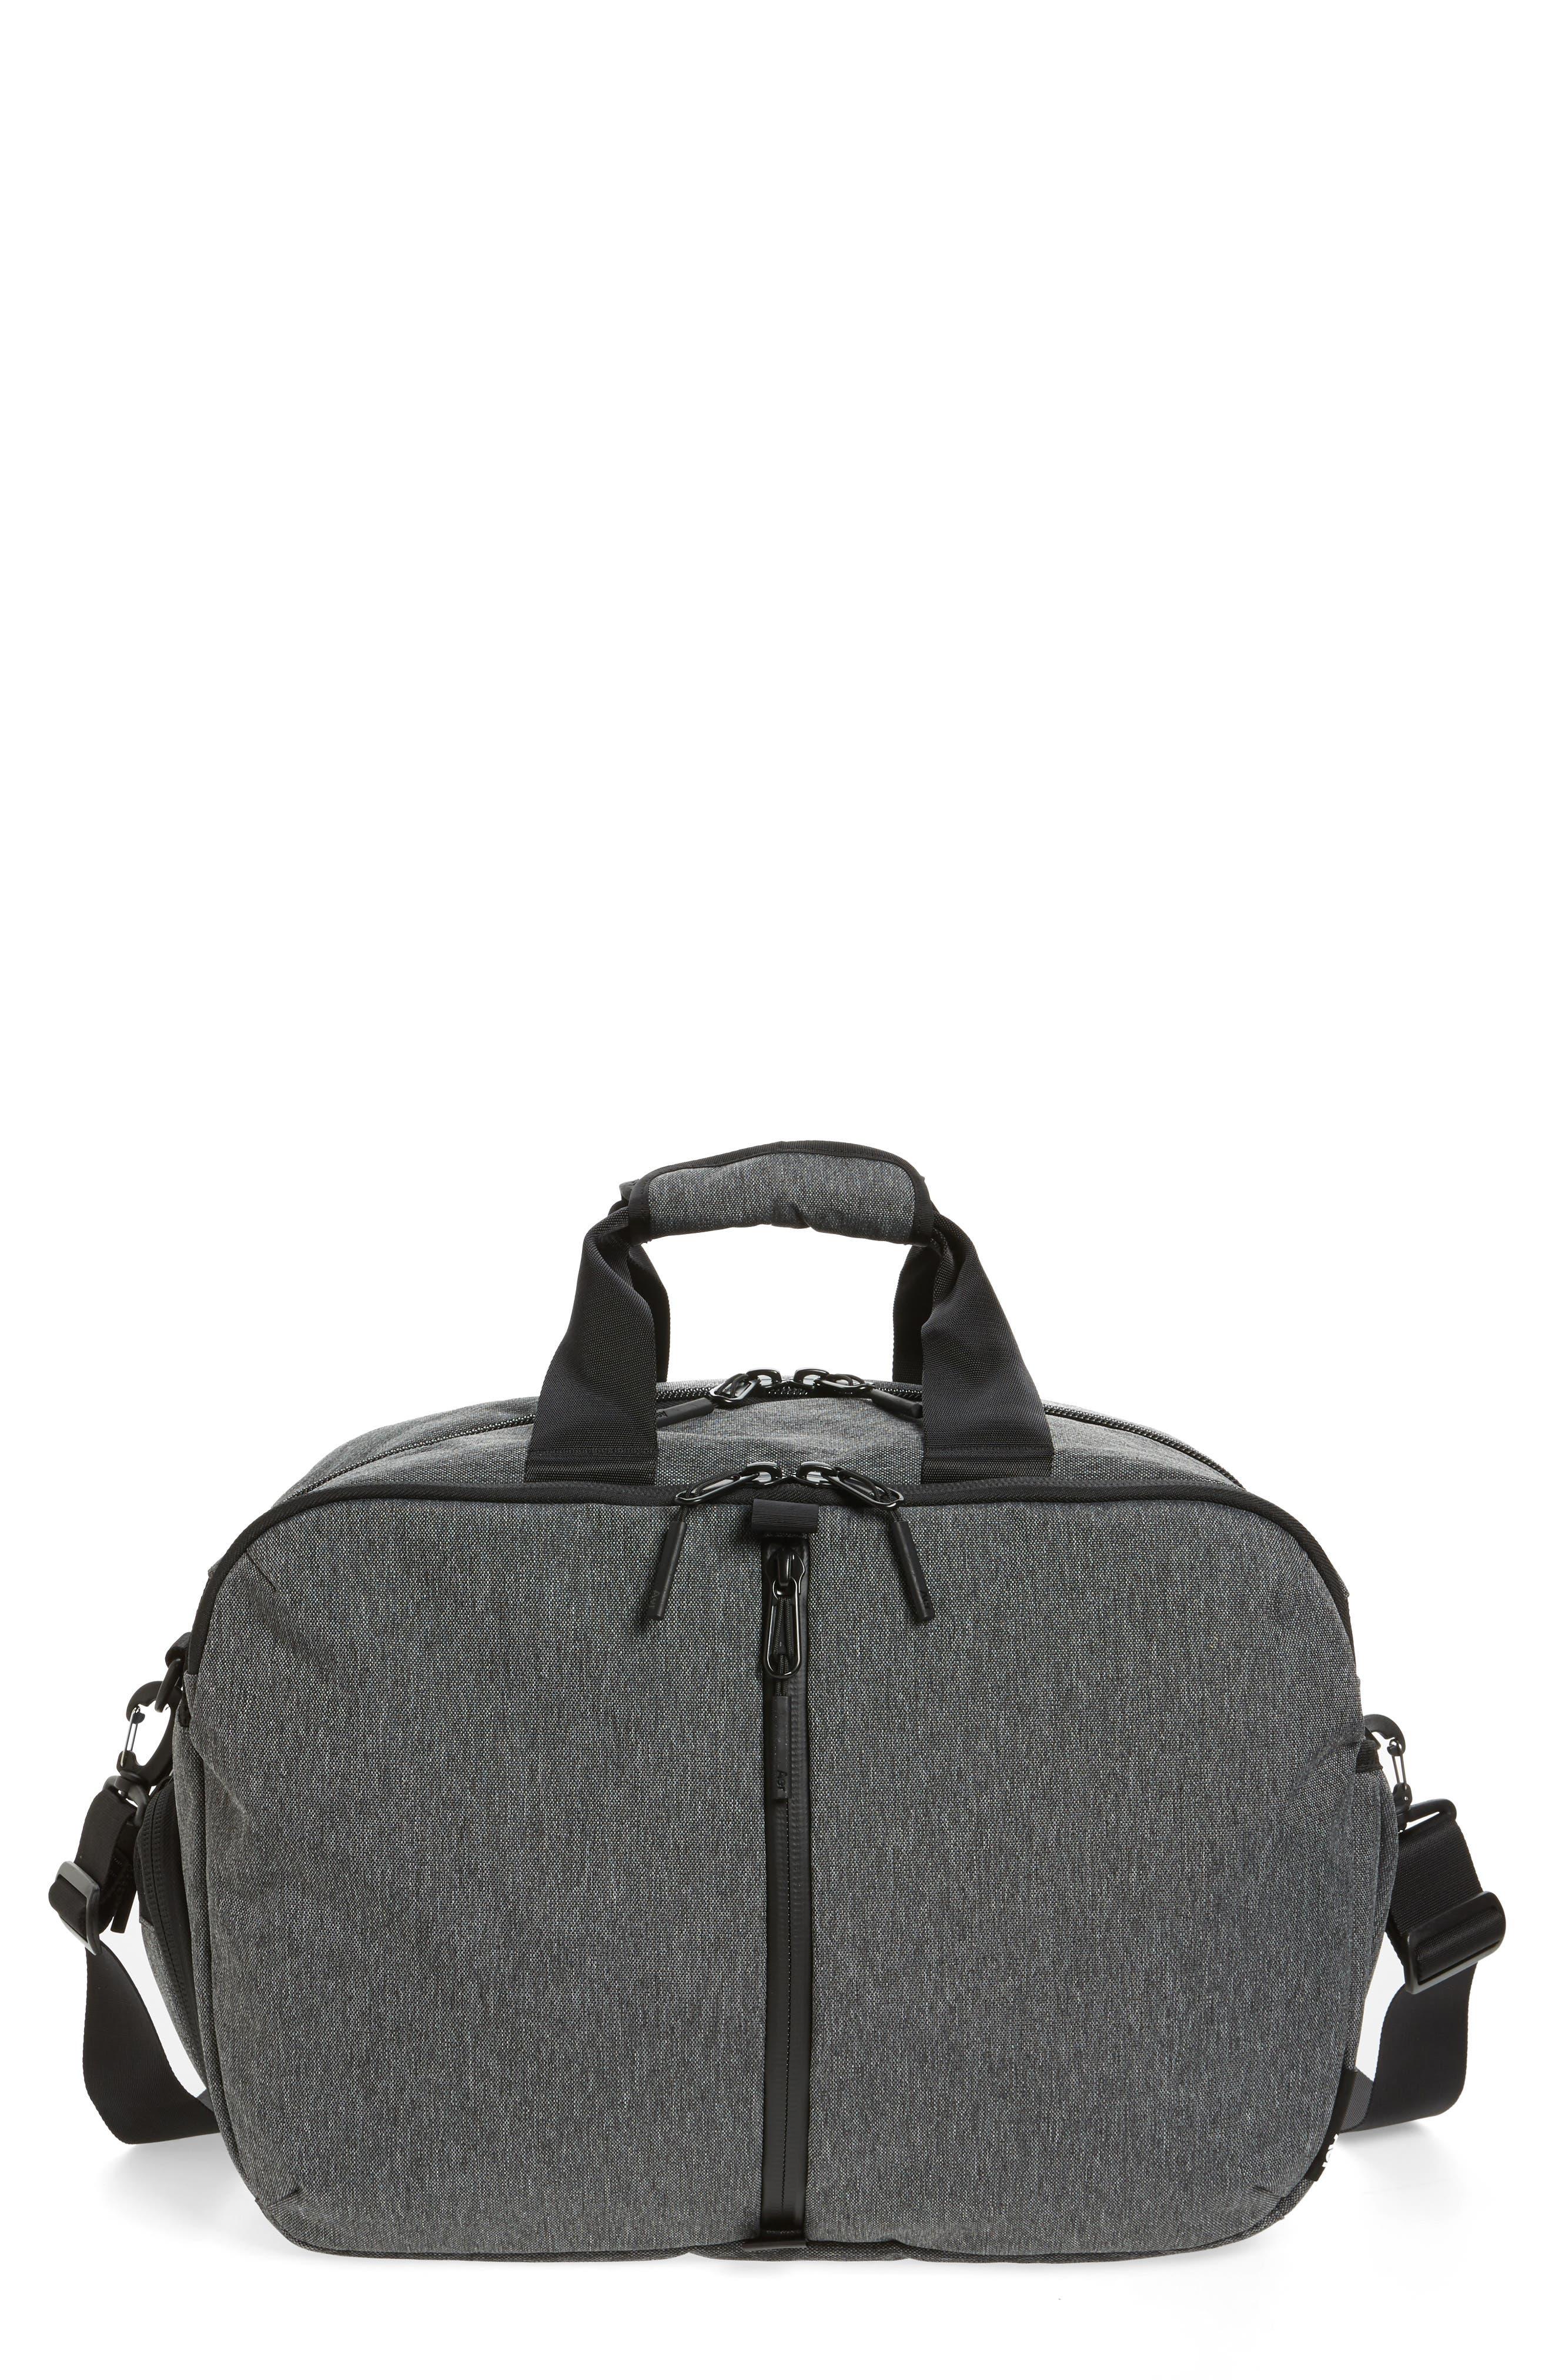 Alternate Image 1 Selected - Aer Gym Duffel 2 Bag